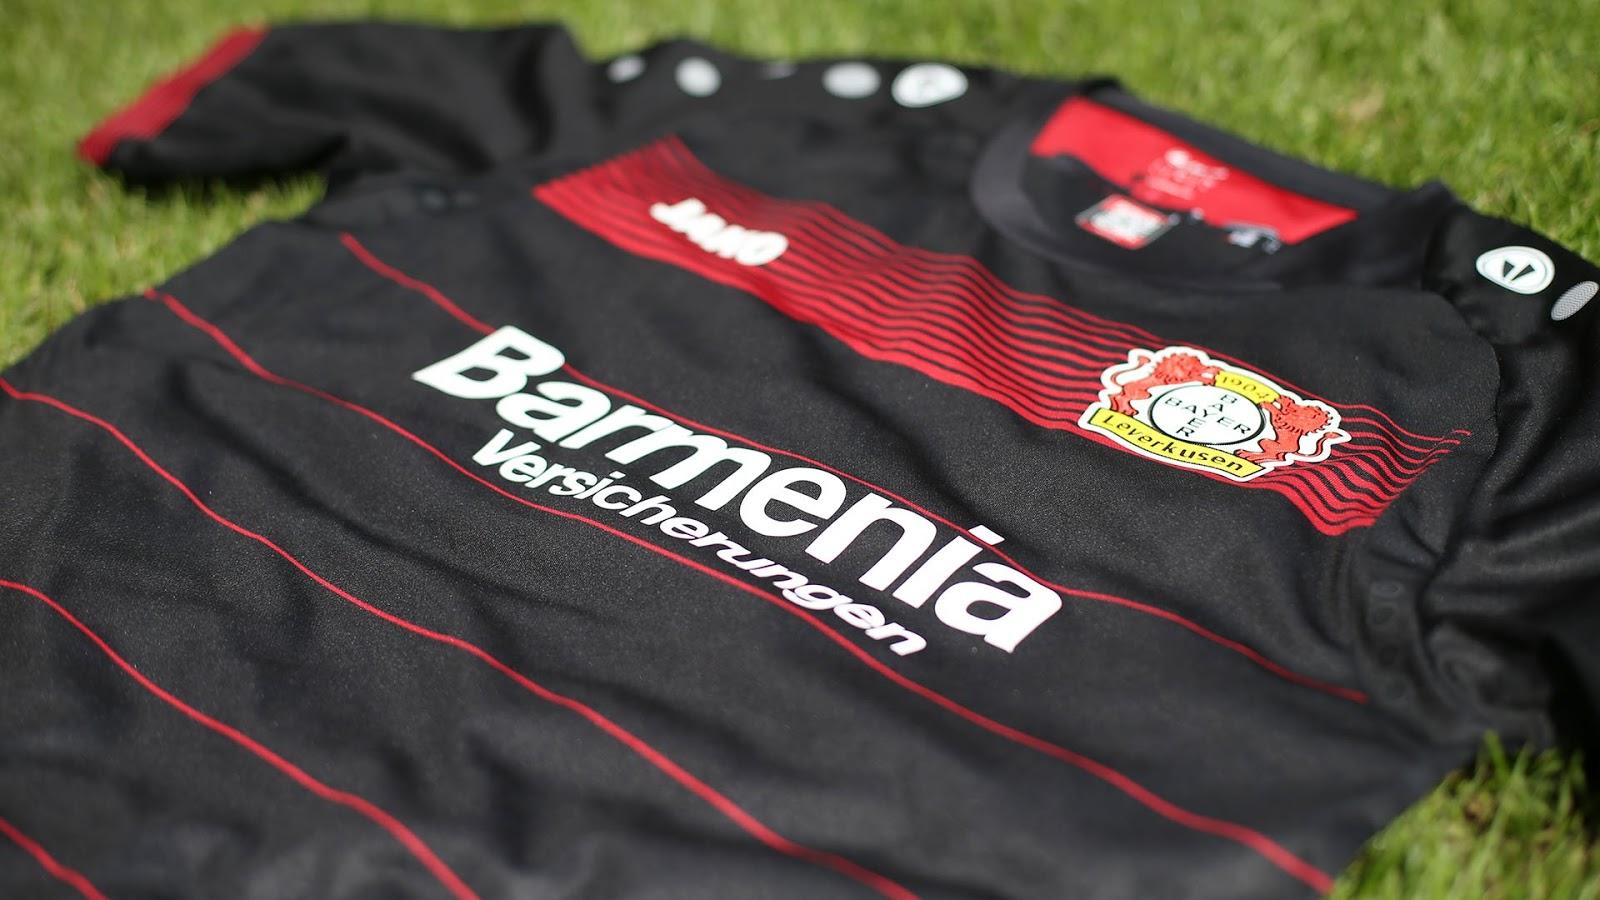 Image result for Leverkusen banner